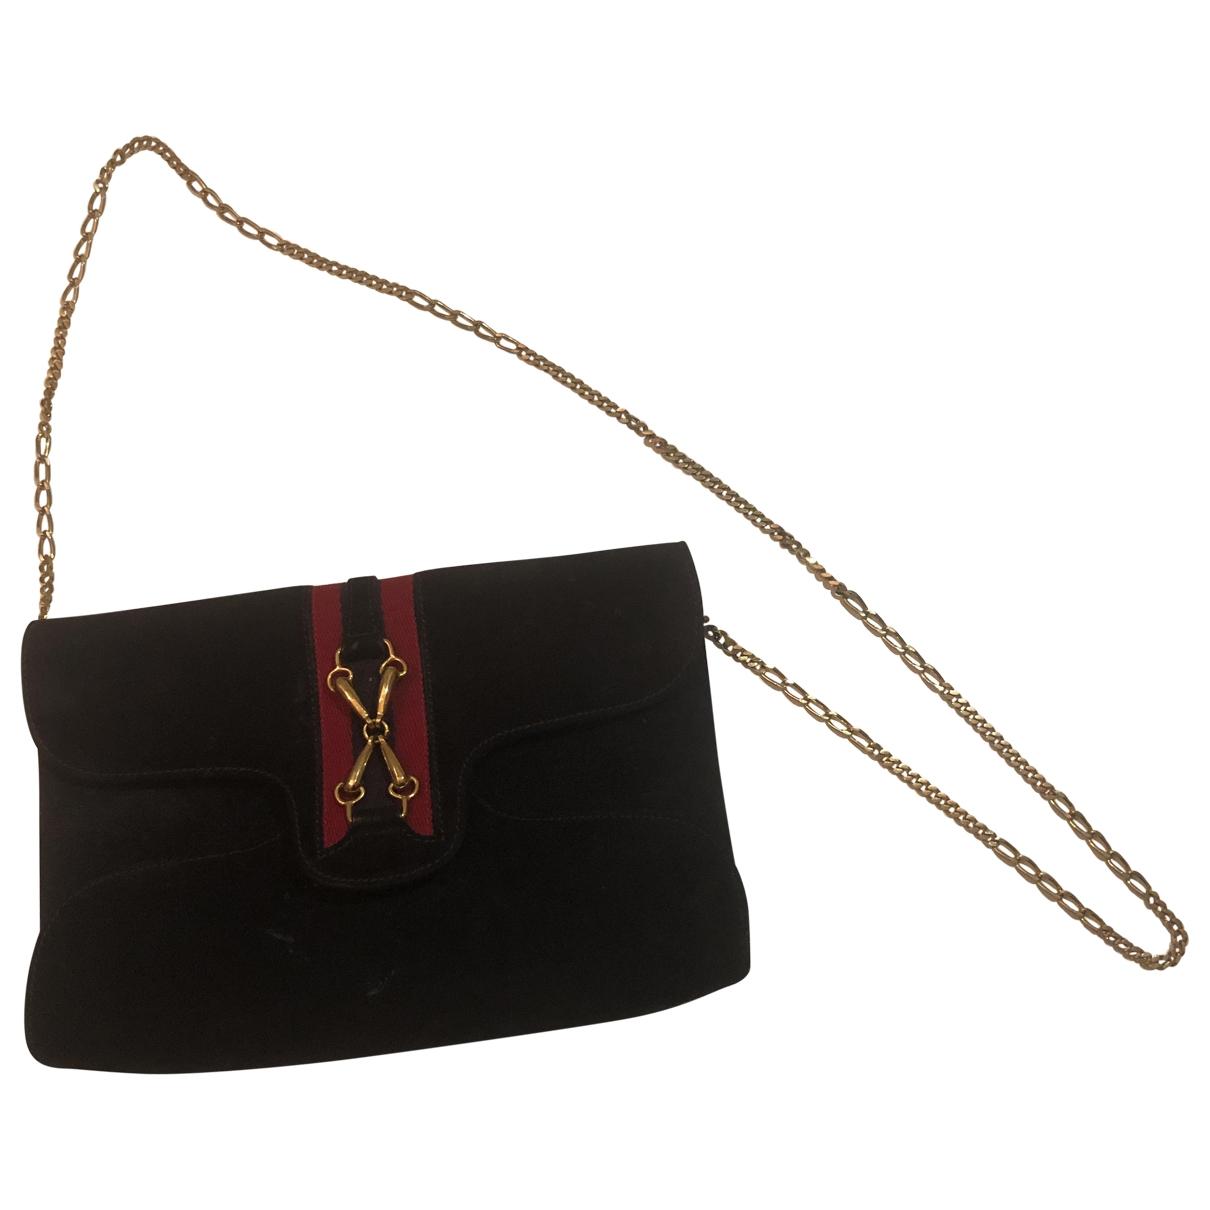 Gucci \N Blue Suede Clutch bag for Women \N